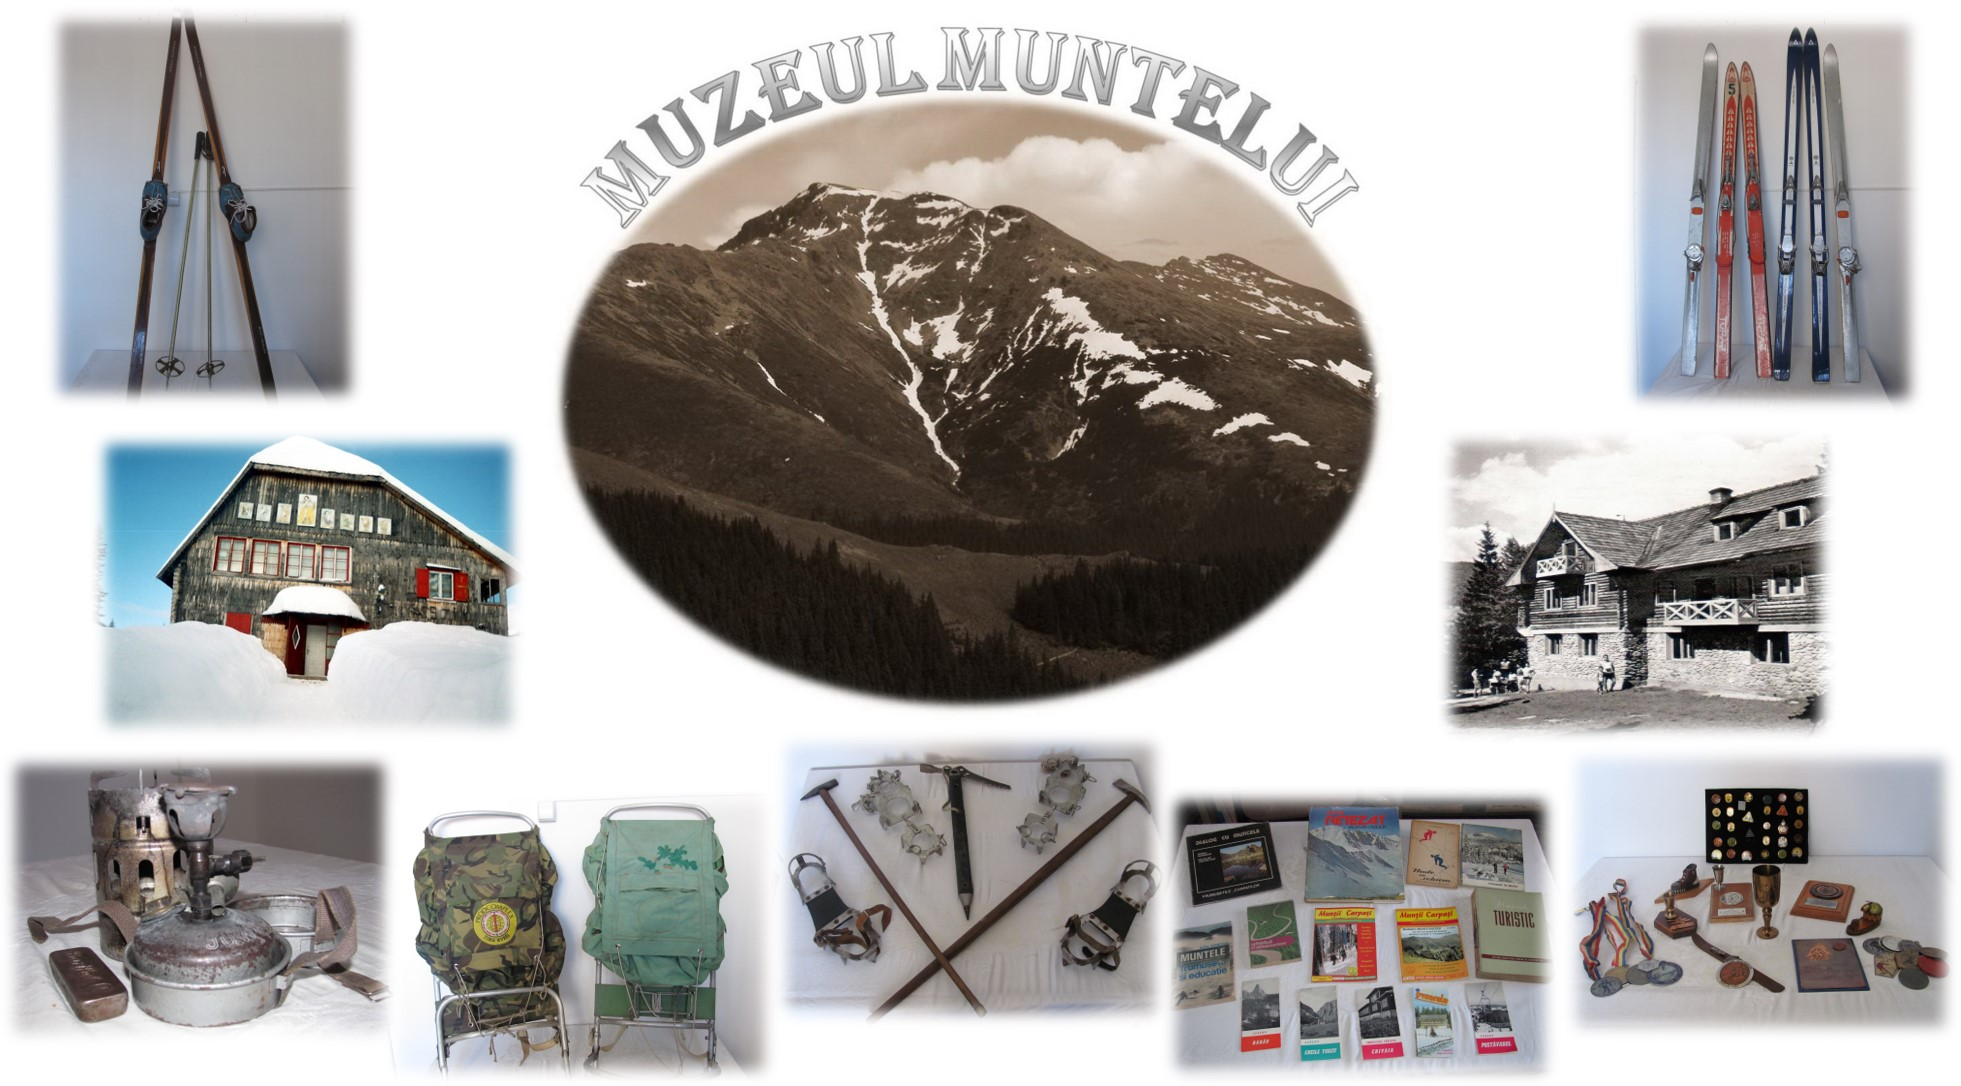 muzeul muntelui